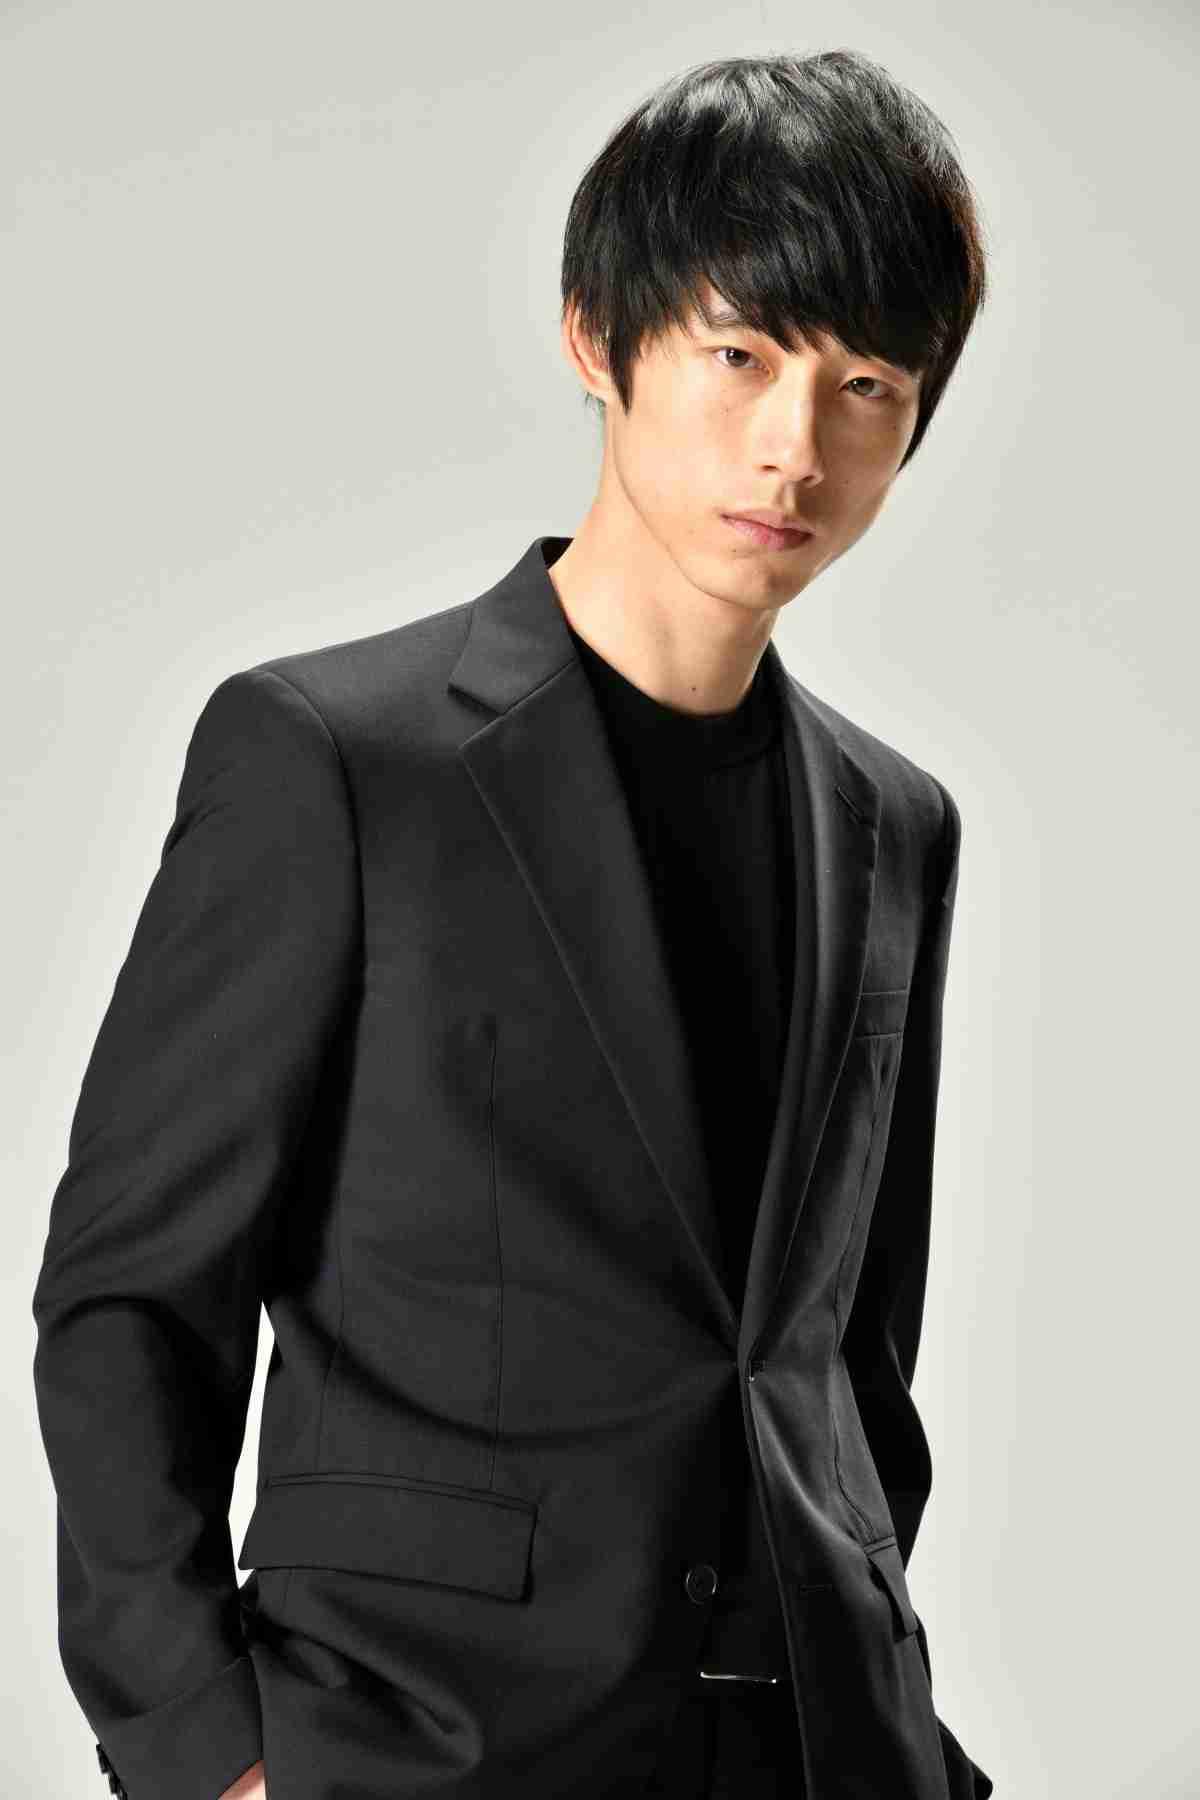 坂口健太郎、ドラマ初主演で警察官に!過去と現在が交差…未解決事件に挑む - シネマトゥデイ